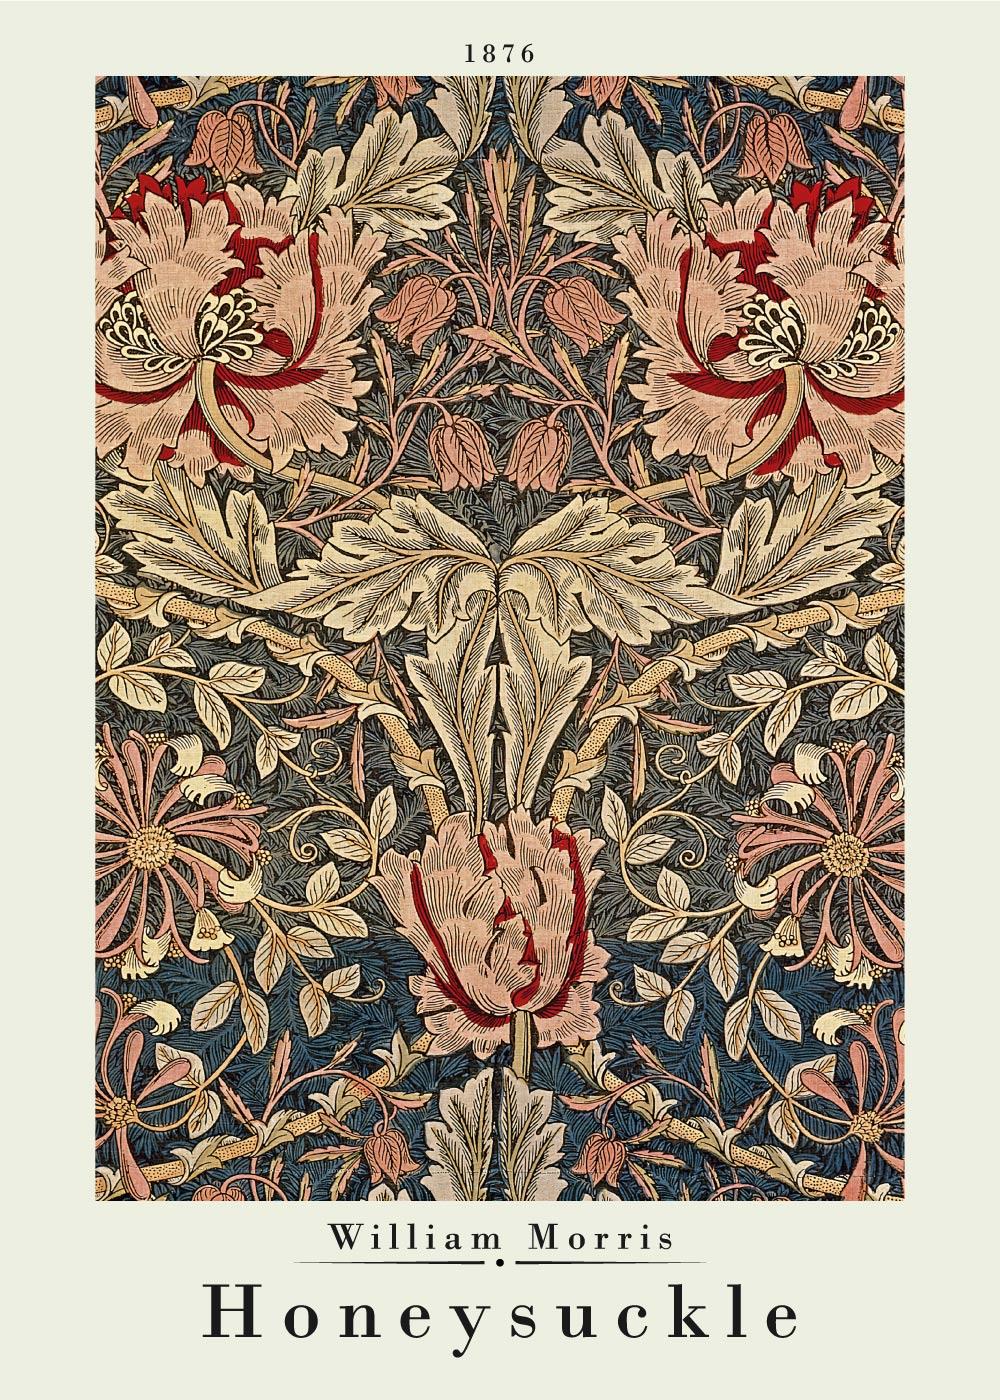 Billede af Honeysuckle - William Morris kunstplakat